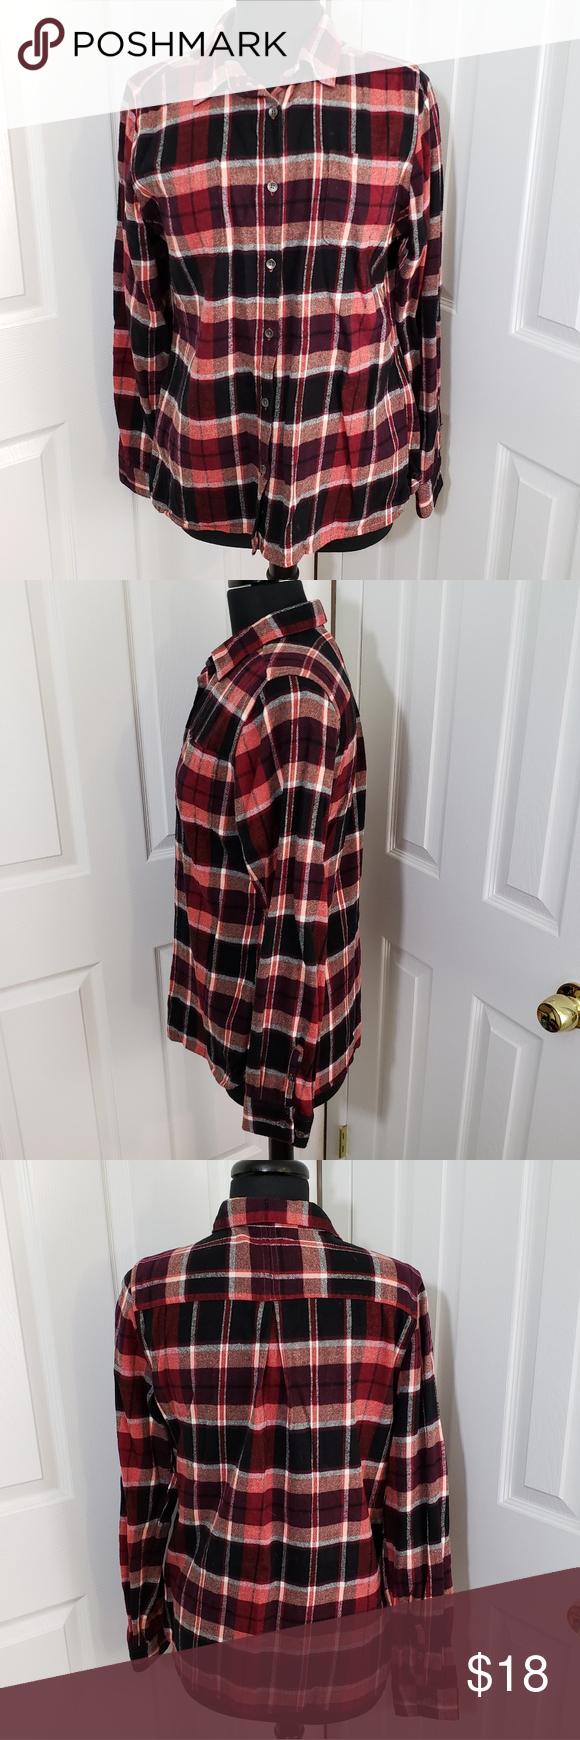 Woolrich Flannel Button-down